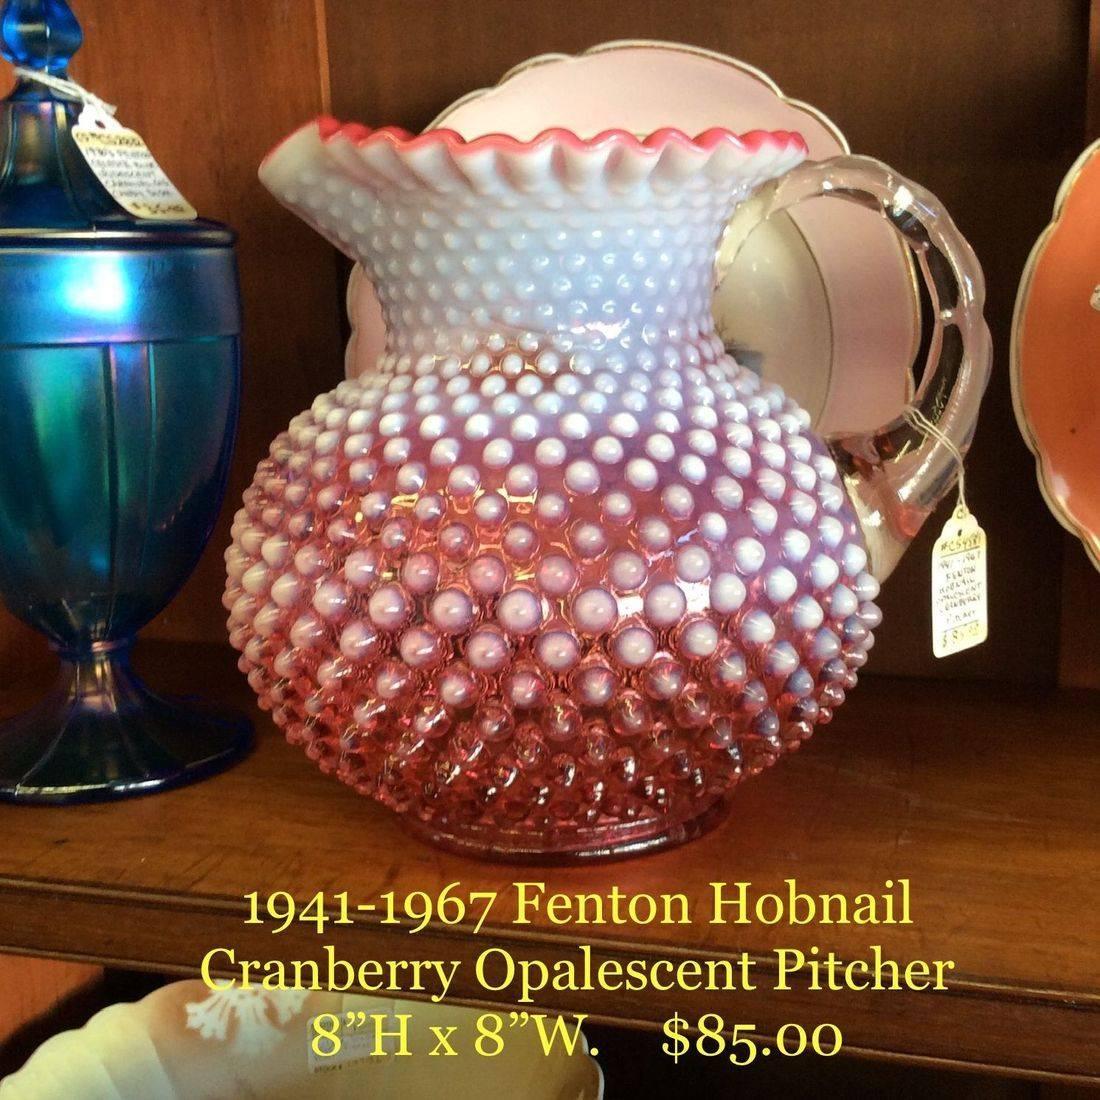 1941-1967 Fenton Hobnail Cranberry Opalescent Pitcher   $85.00